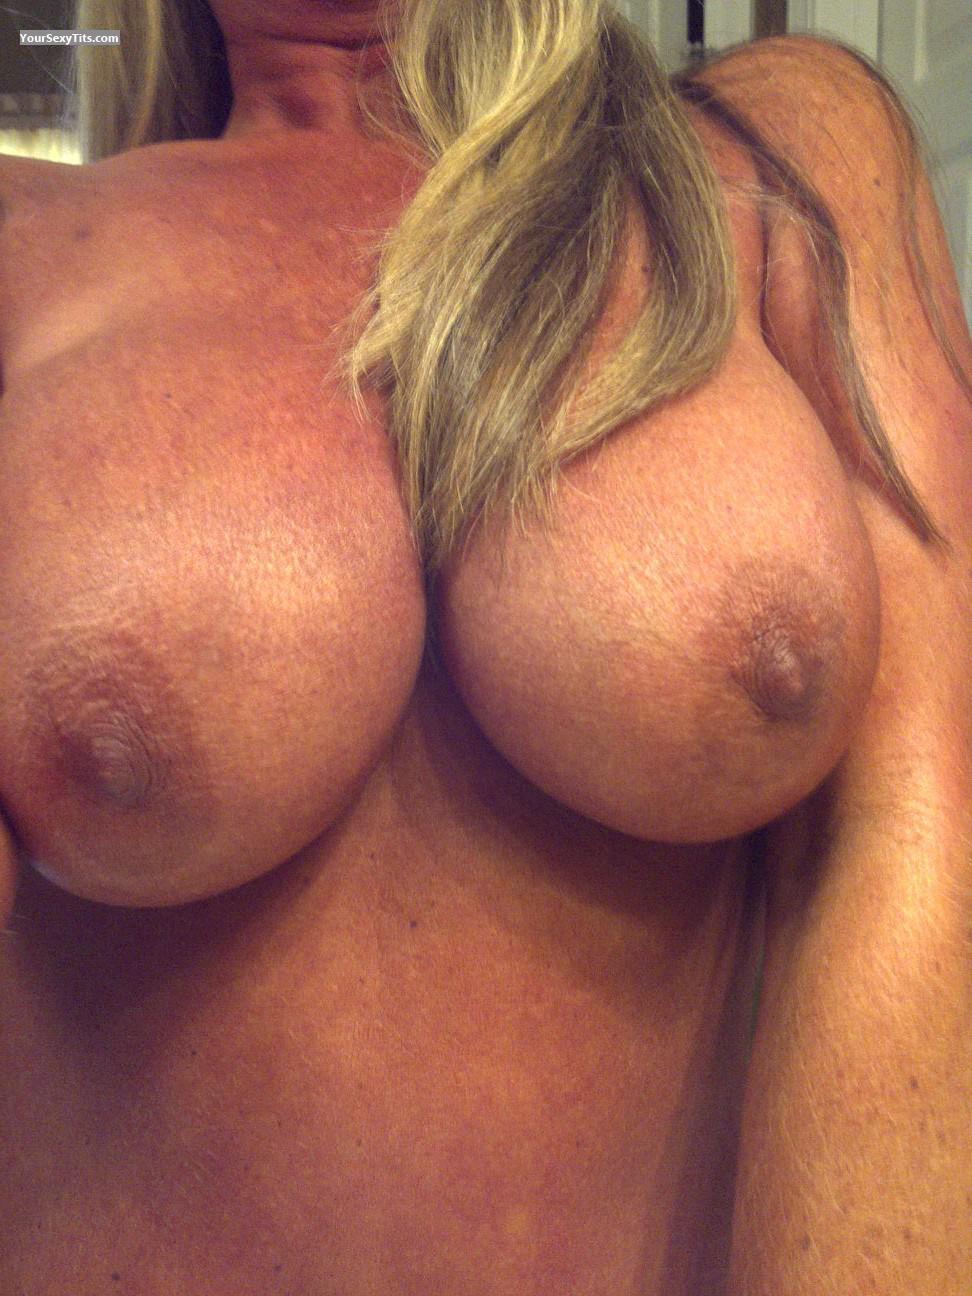 Very big boobs